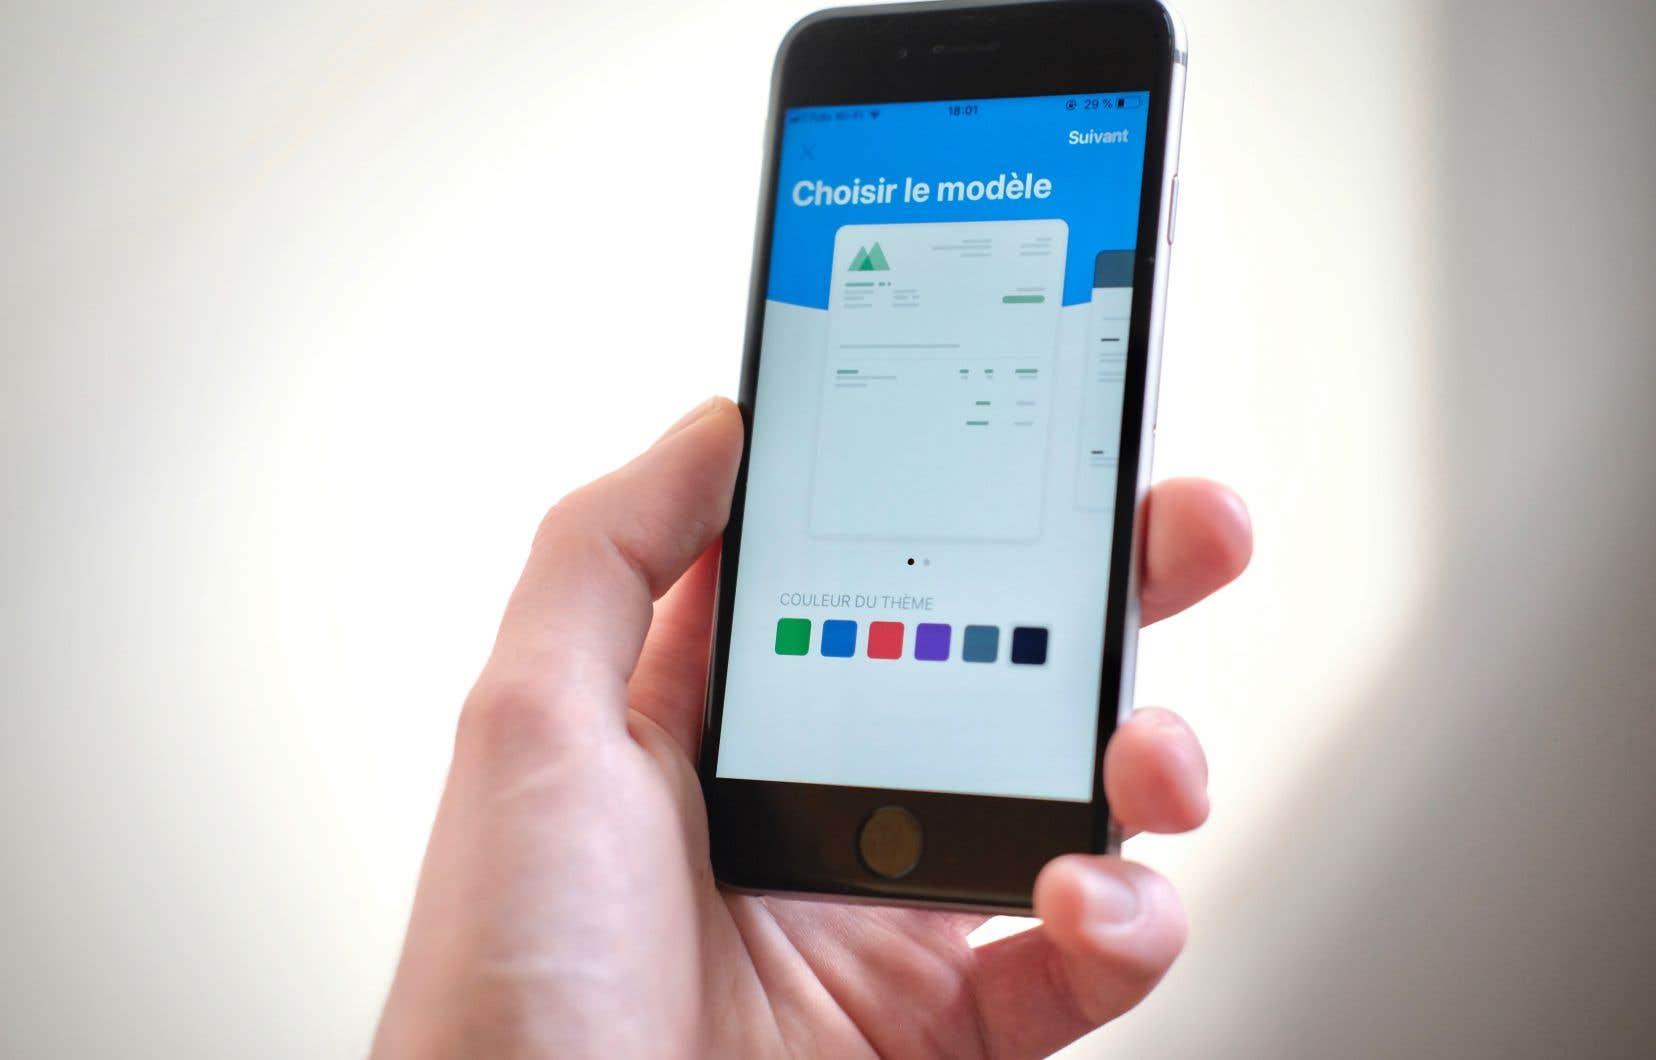 Le service de comptabilité virtuel Freshbooks offre un outil gratuit, tout simple, pour générer et transmettre des factures depuis son téléphone.